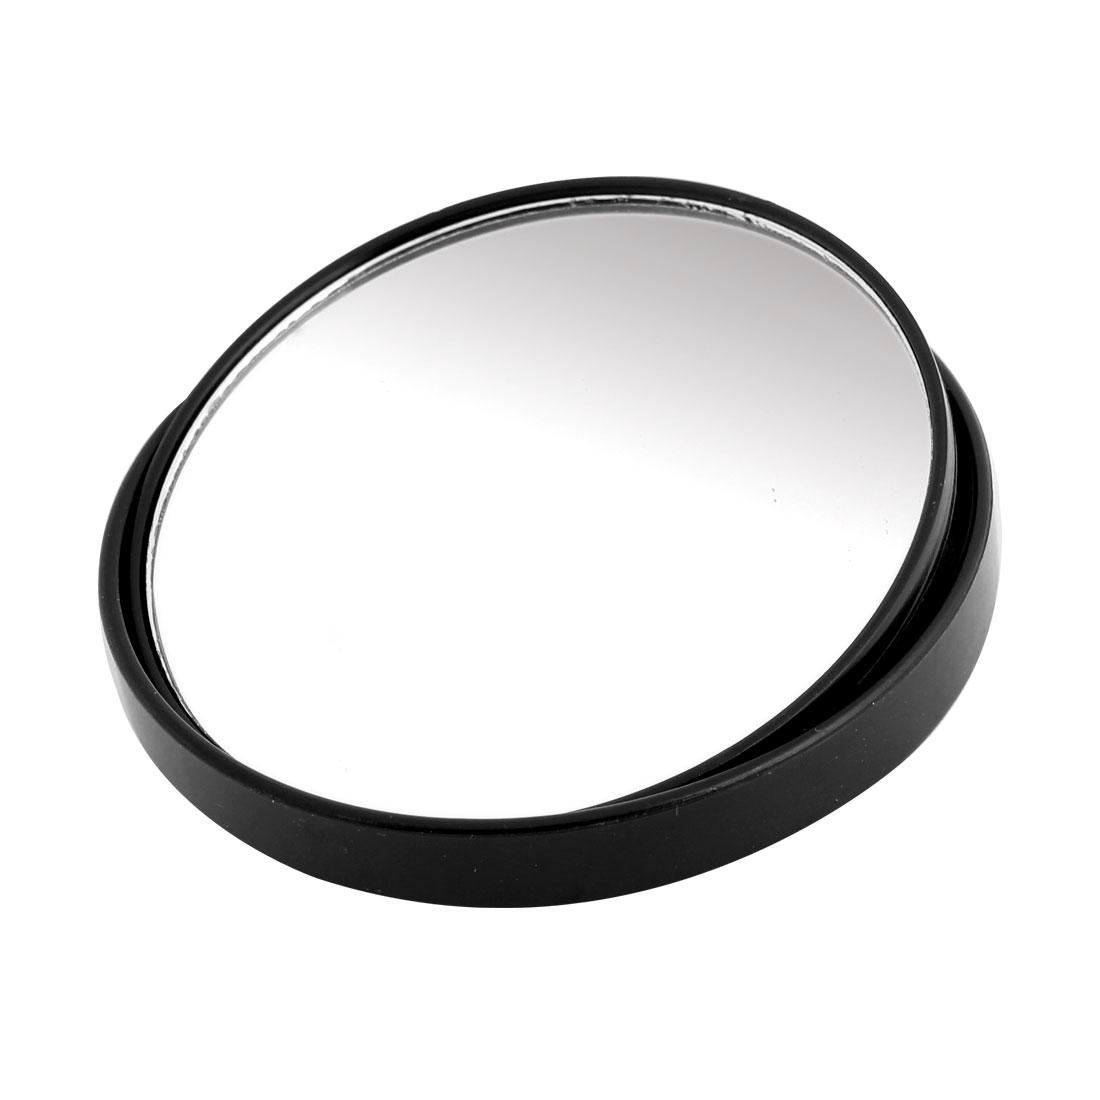 Car Black Frame 8cm Dia Adhesive Back Convex Blind Spot Mirror Rearmirror